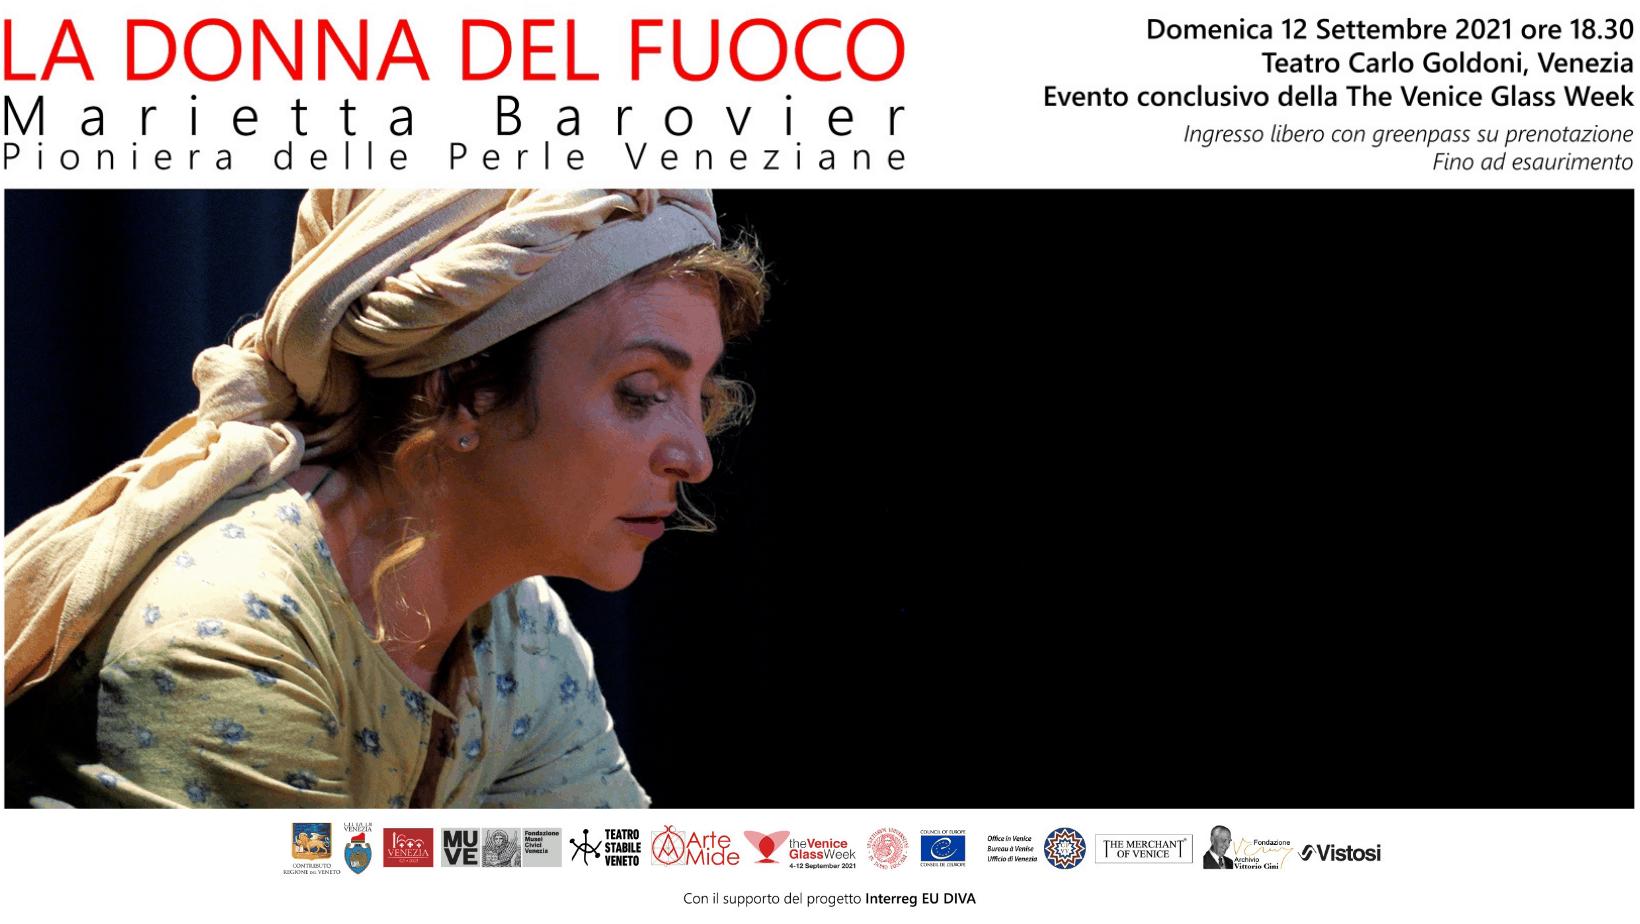 """Evento Teatrale: """"La Donna del Fuoco Marietta Barovier. Pioniera delle Perle Veneziane""""."""